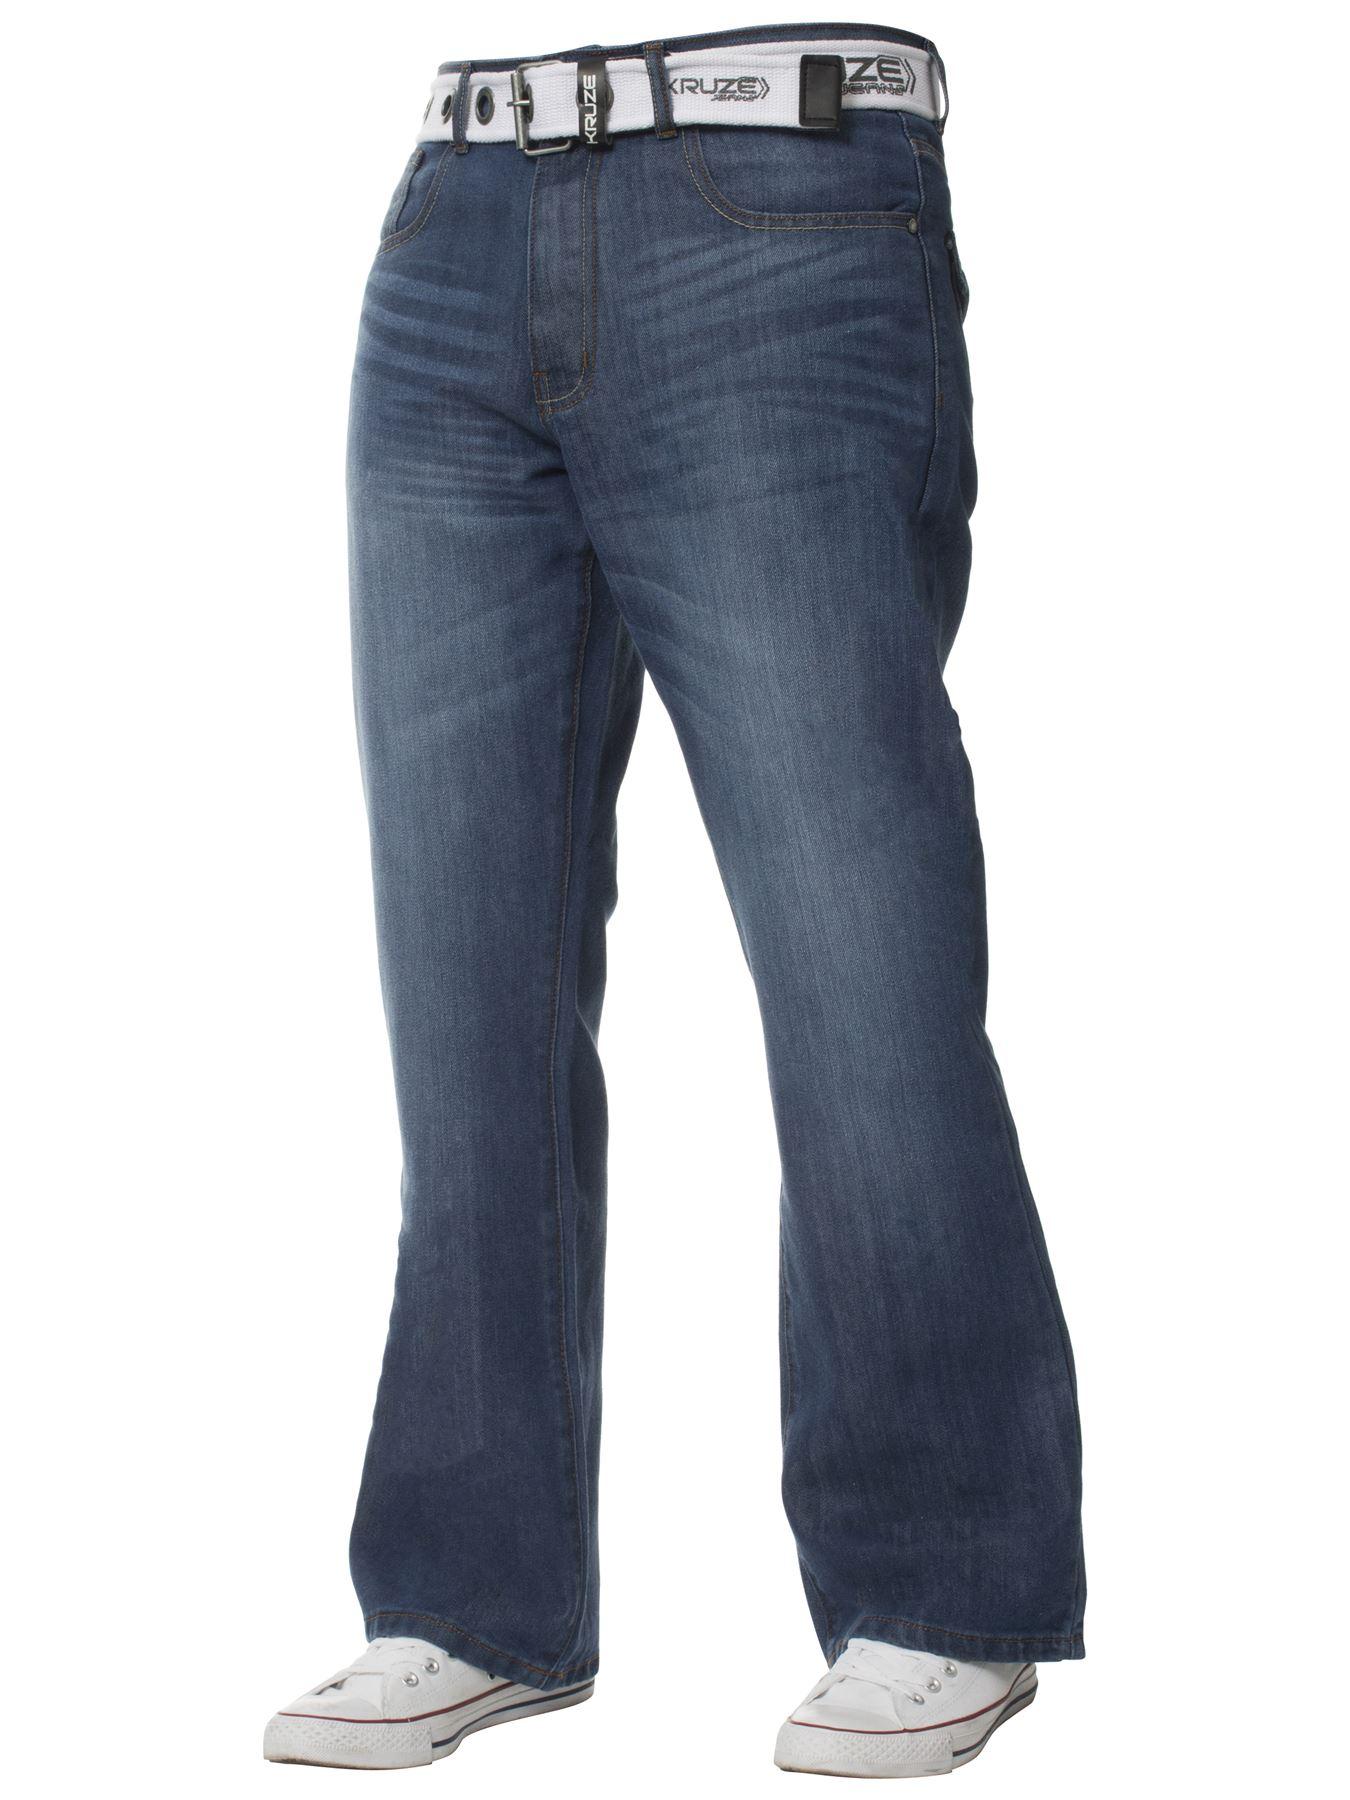 Kruze-Herren-Bootcut-Jeans-Ausgestellt-Weites-Bein-Denim-Hose-Gross-Hoch-Koenig Indexbild 3